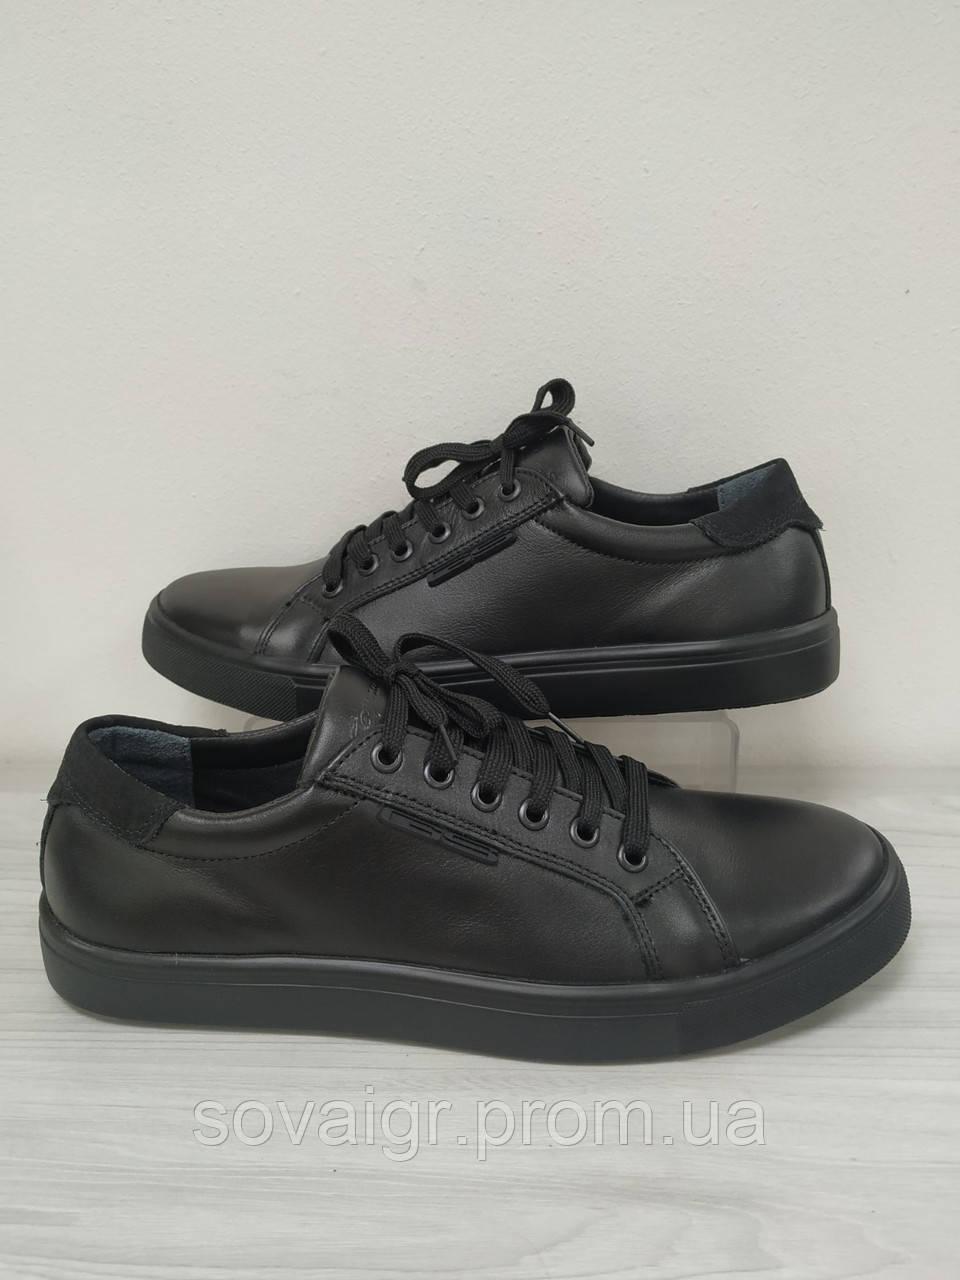 Кроссовки кожаные черные мужские GS Акция!!! - 40%